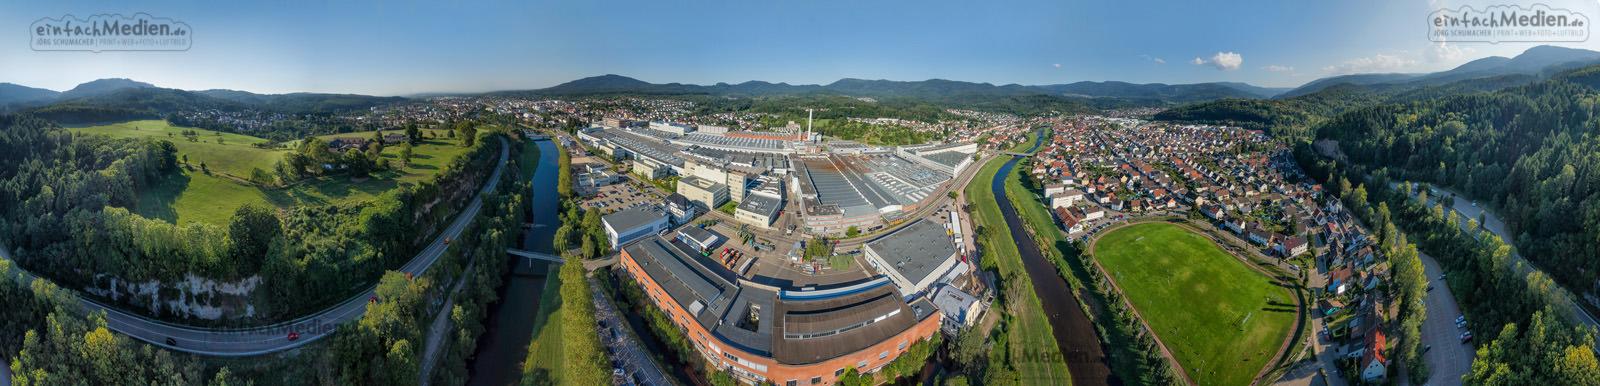 DSC8163-OK_Luftaufnahme_Panorama_Ottenau_Sportplatz Luftbilder